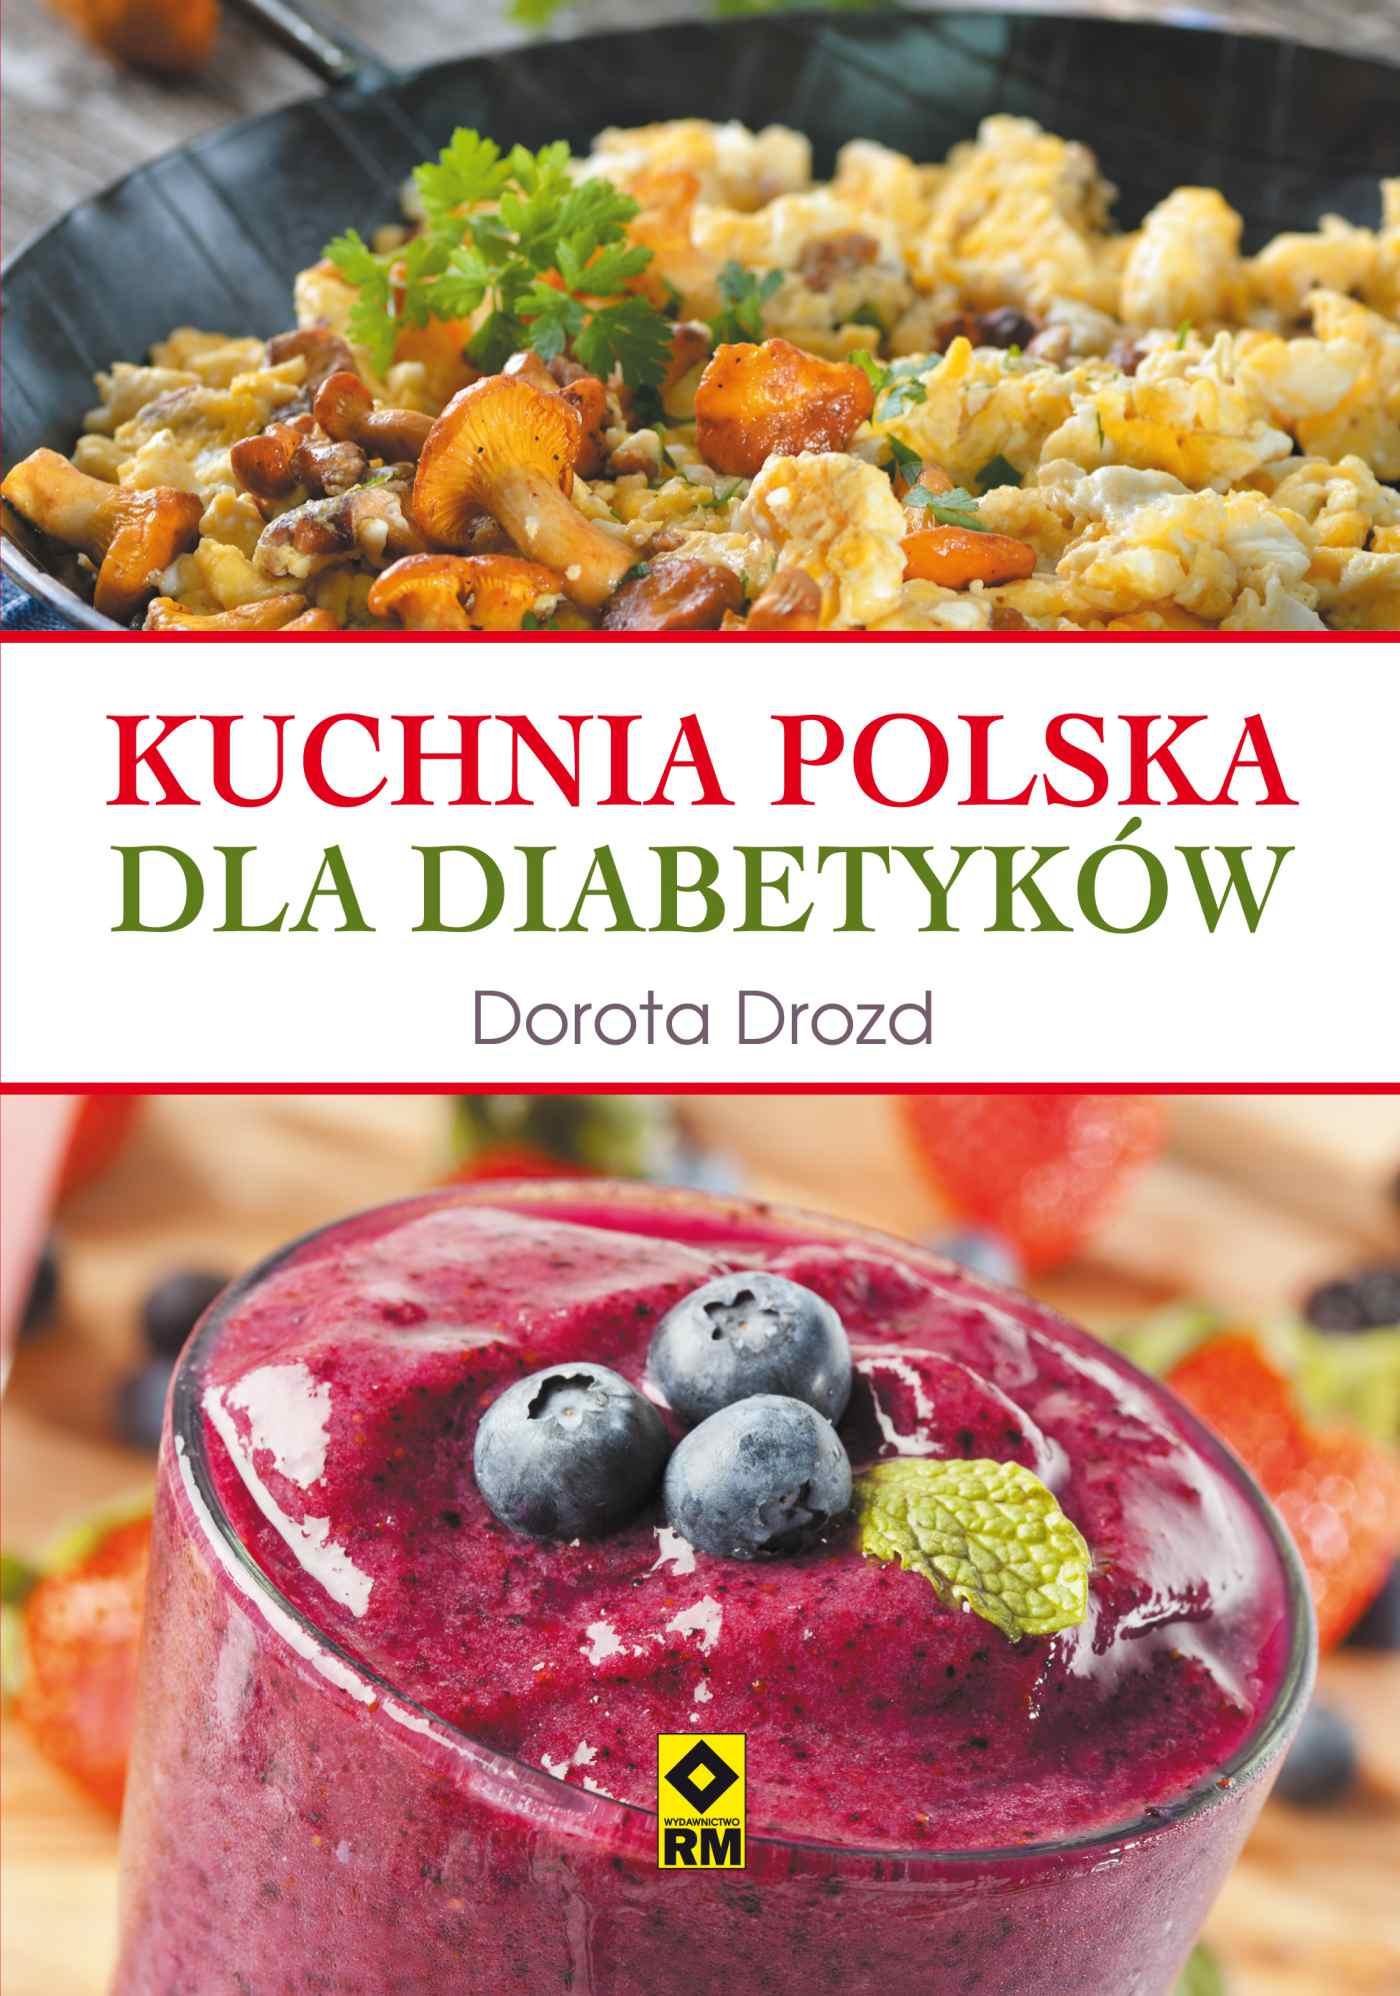 Kuchnia polska dla diabetyków - Ebook (Książka EPUB) do pobrania w formacie EPUB